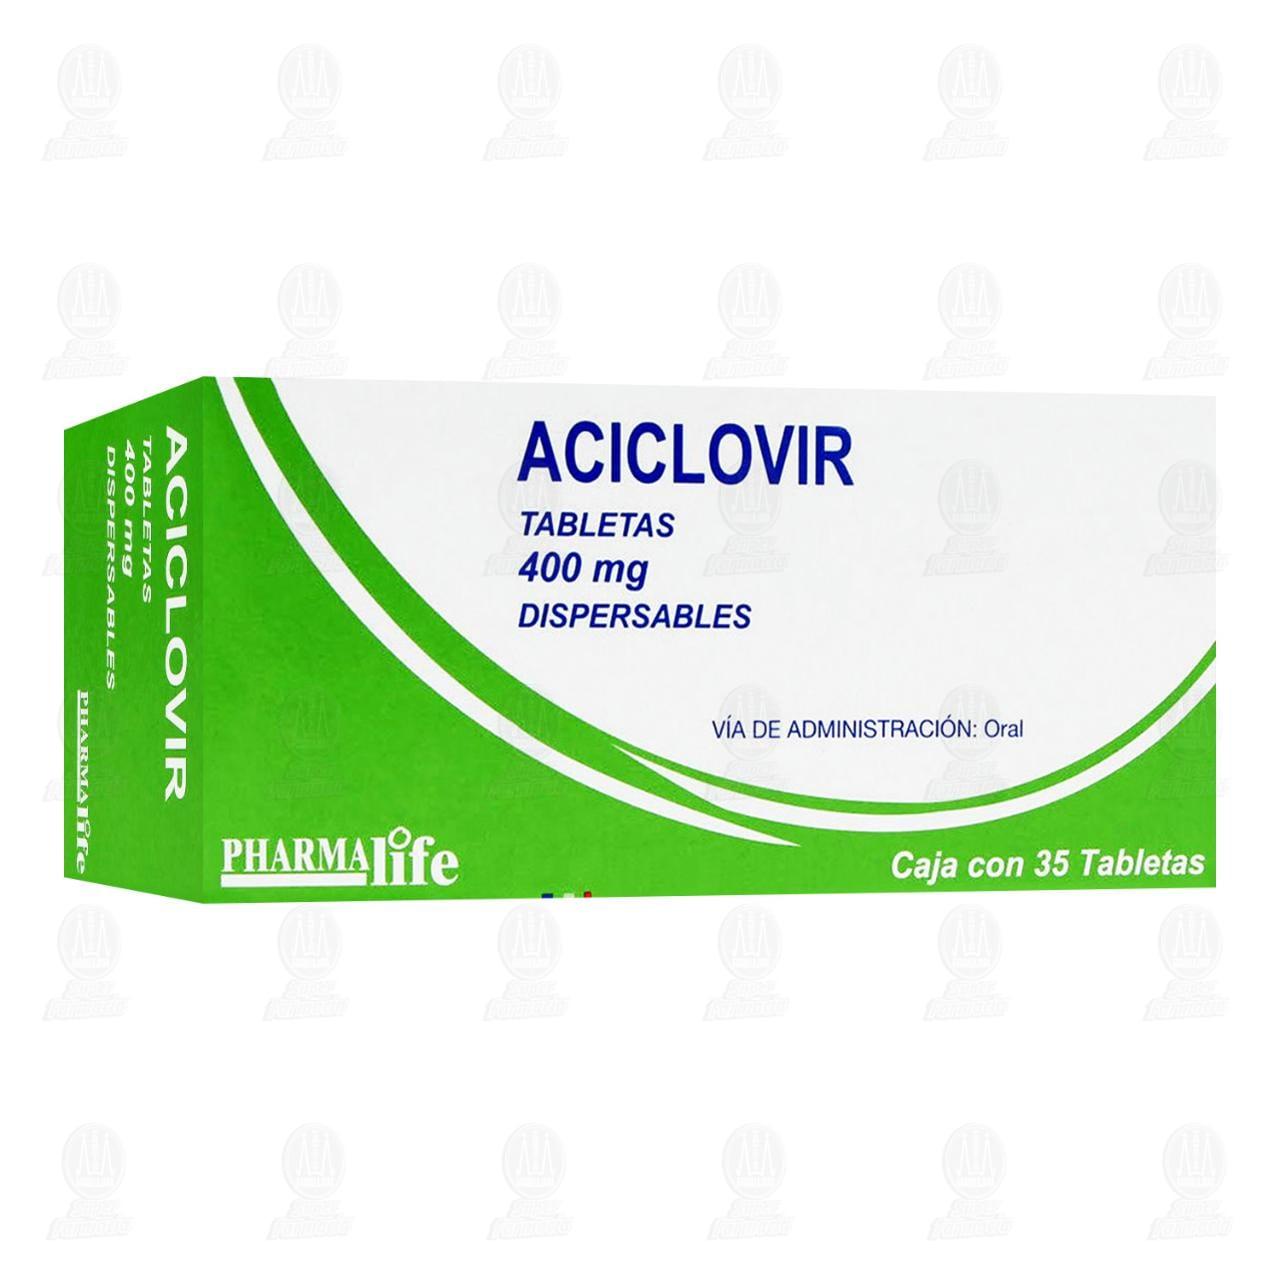 Aciclovir 400mg Tabletas Caja con 35